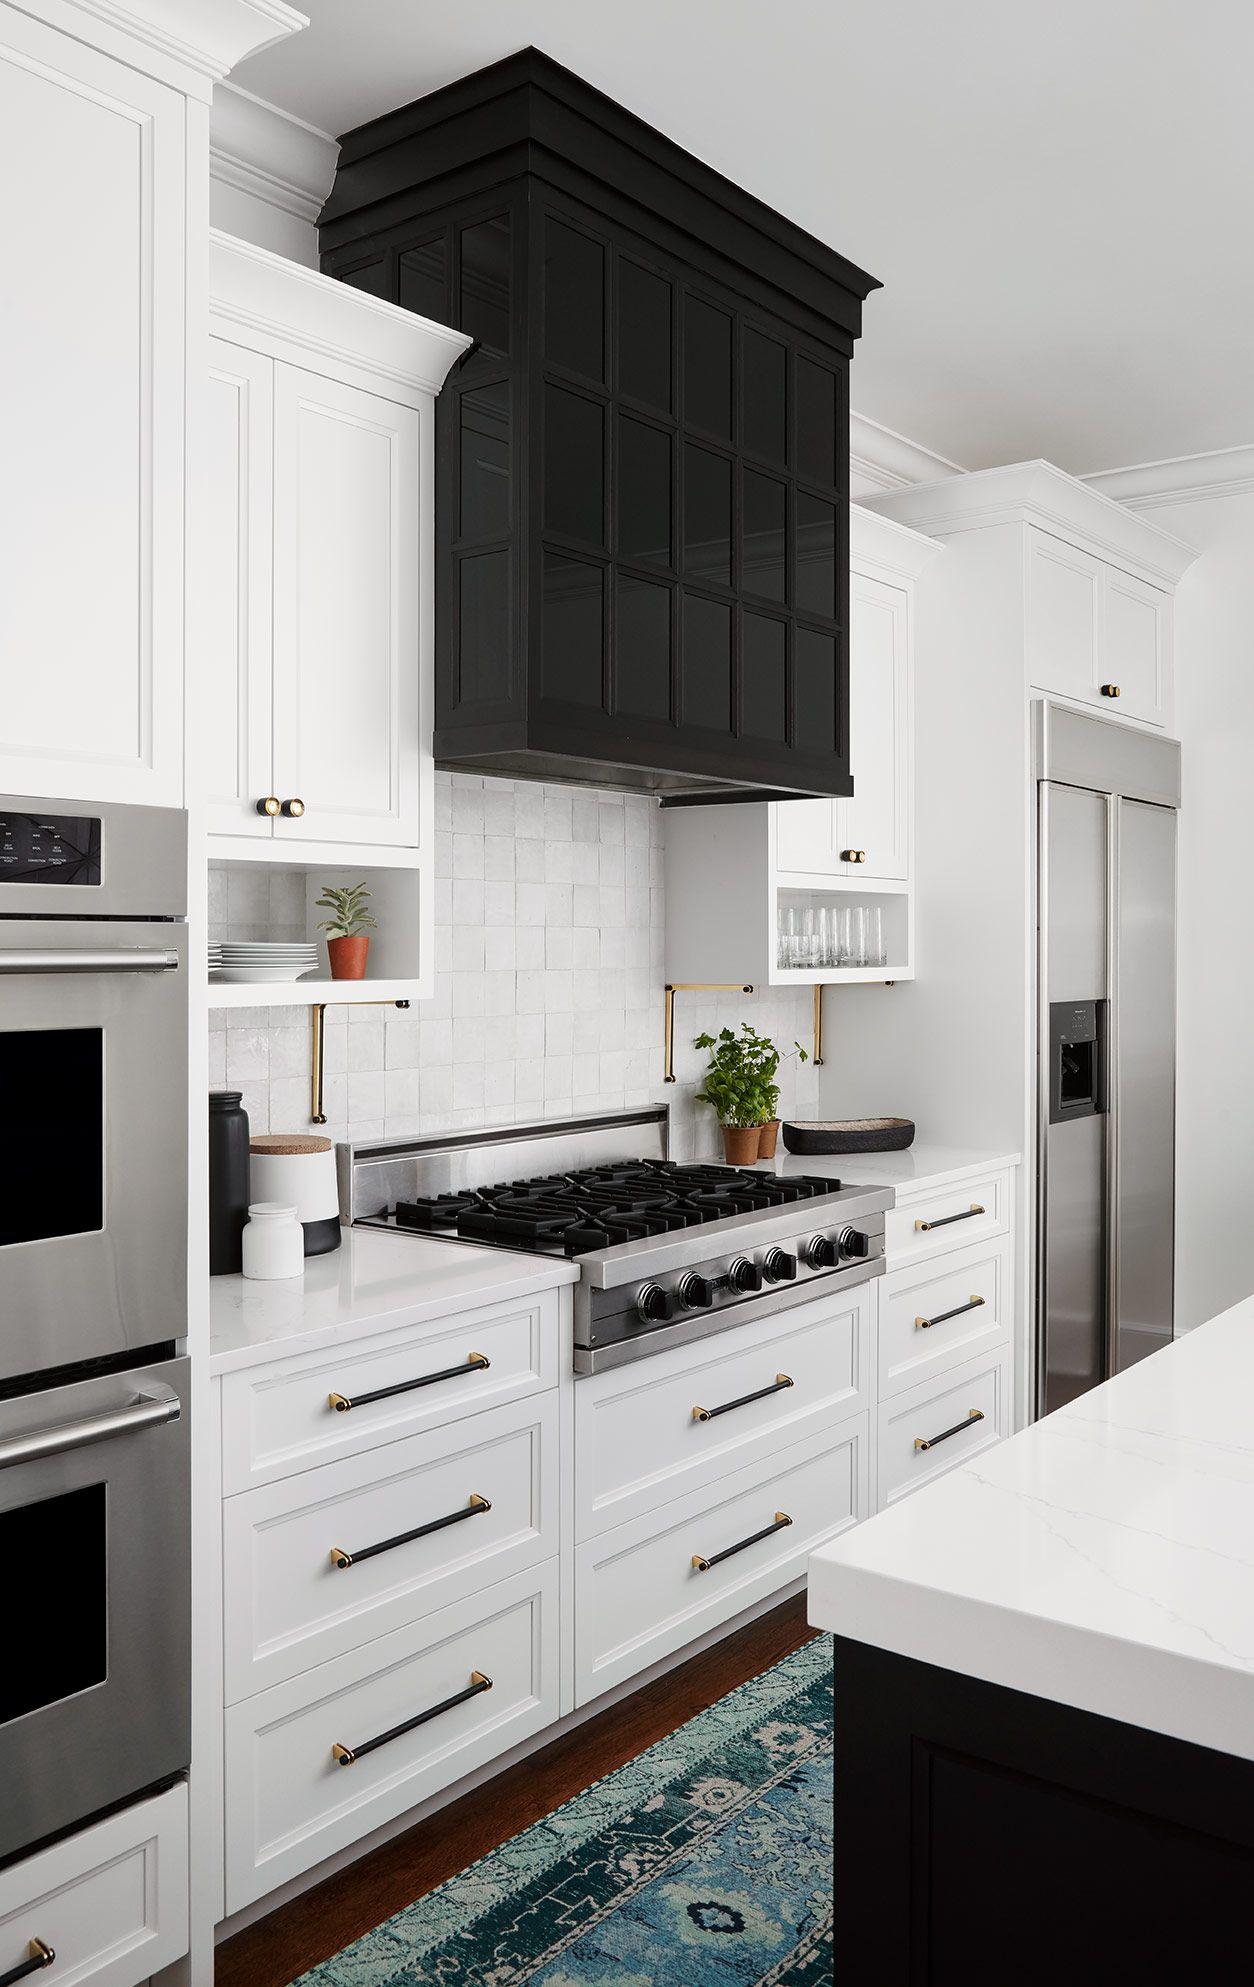 Modern Black And White Chicago Kitchen Renovation New Kitchen